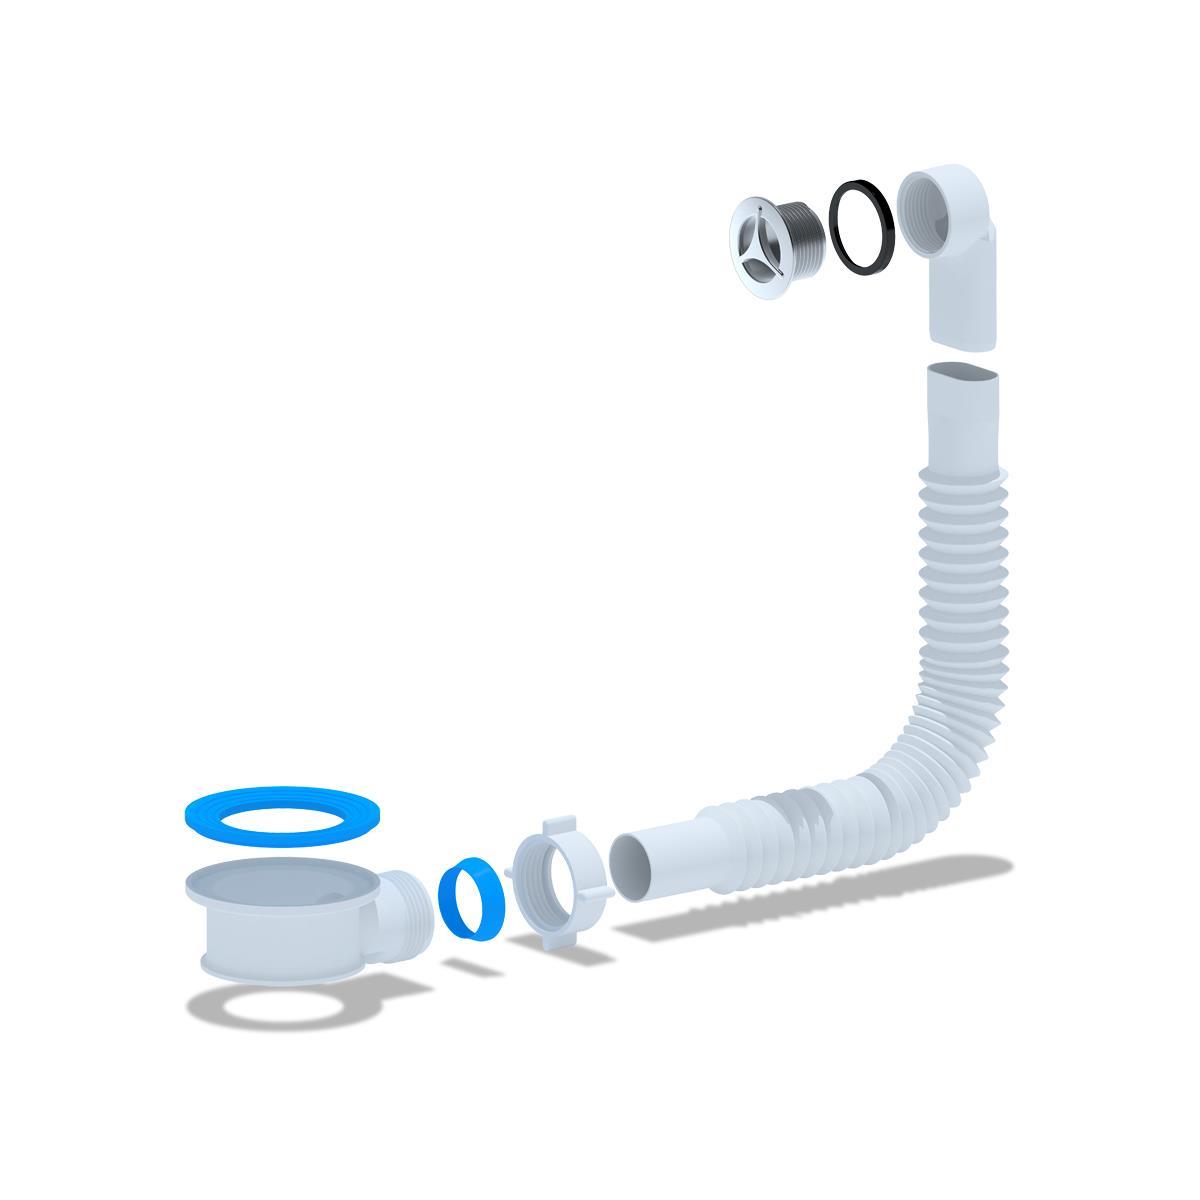 Spülen Siphon Sifon Adapter mit vertikalen Überlauf Waschbecken ,Ani Plast,N420SR1EU, 4779037109715